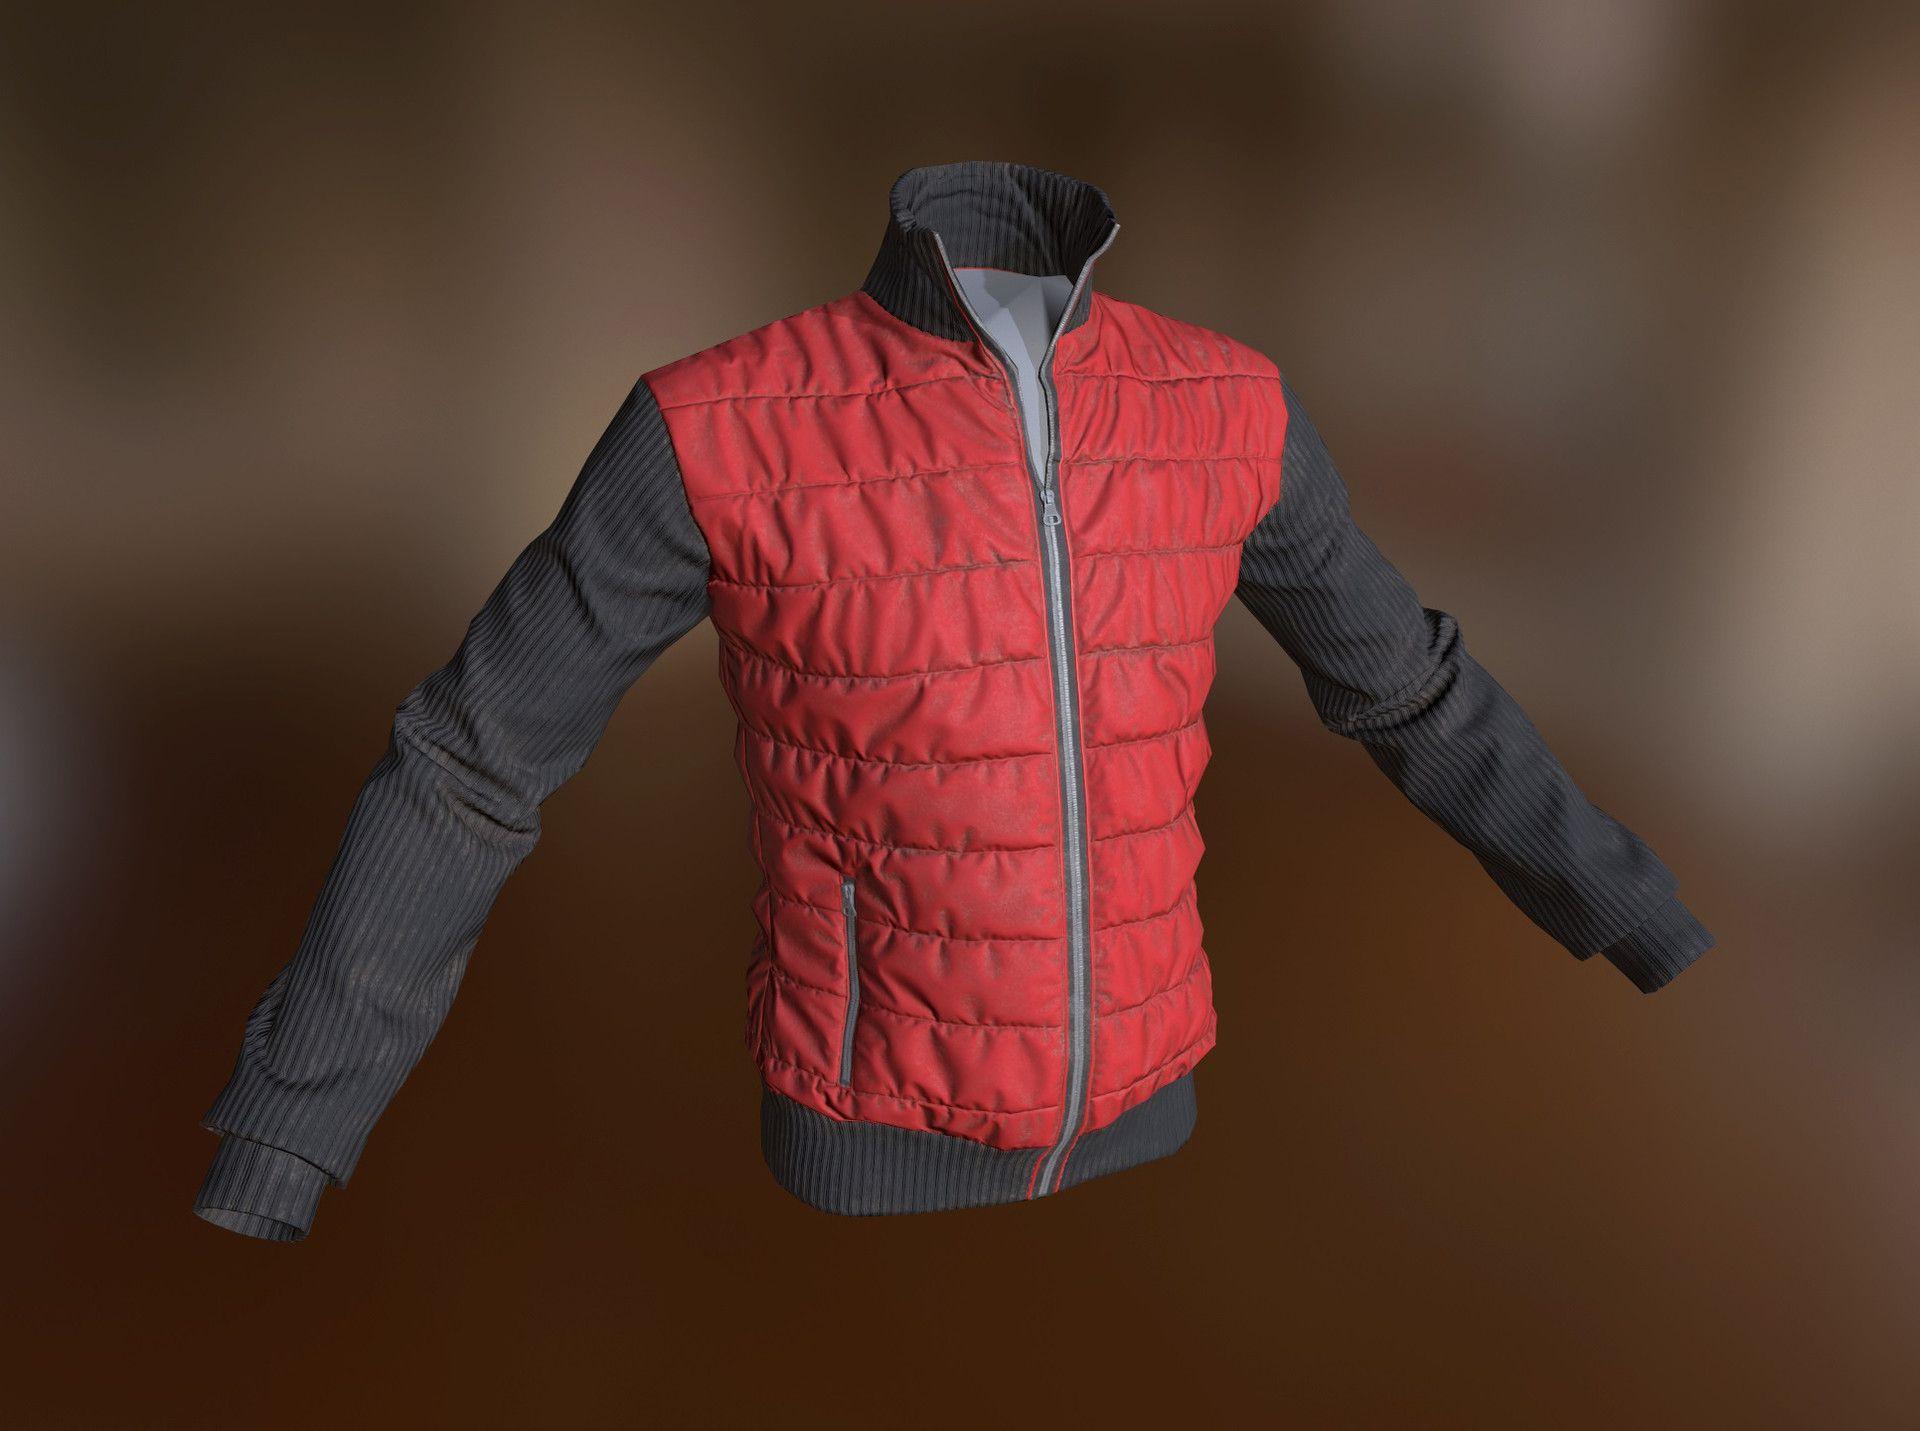 ArtStation - Jacket, Yura Karpenko